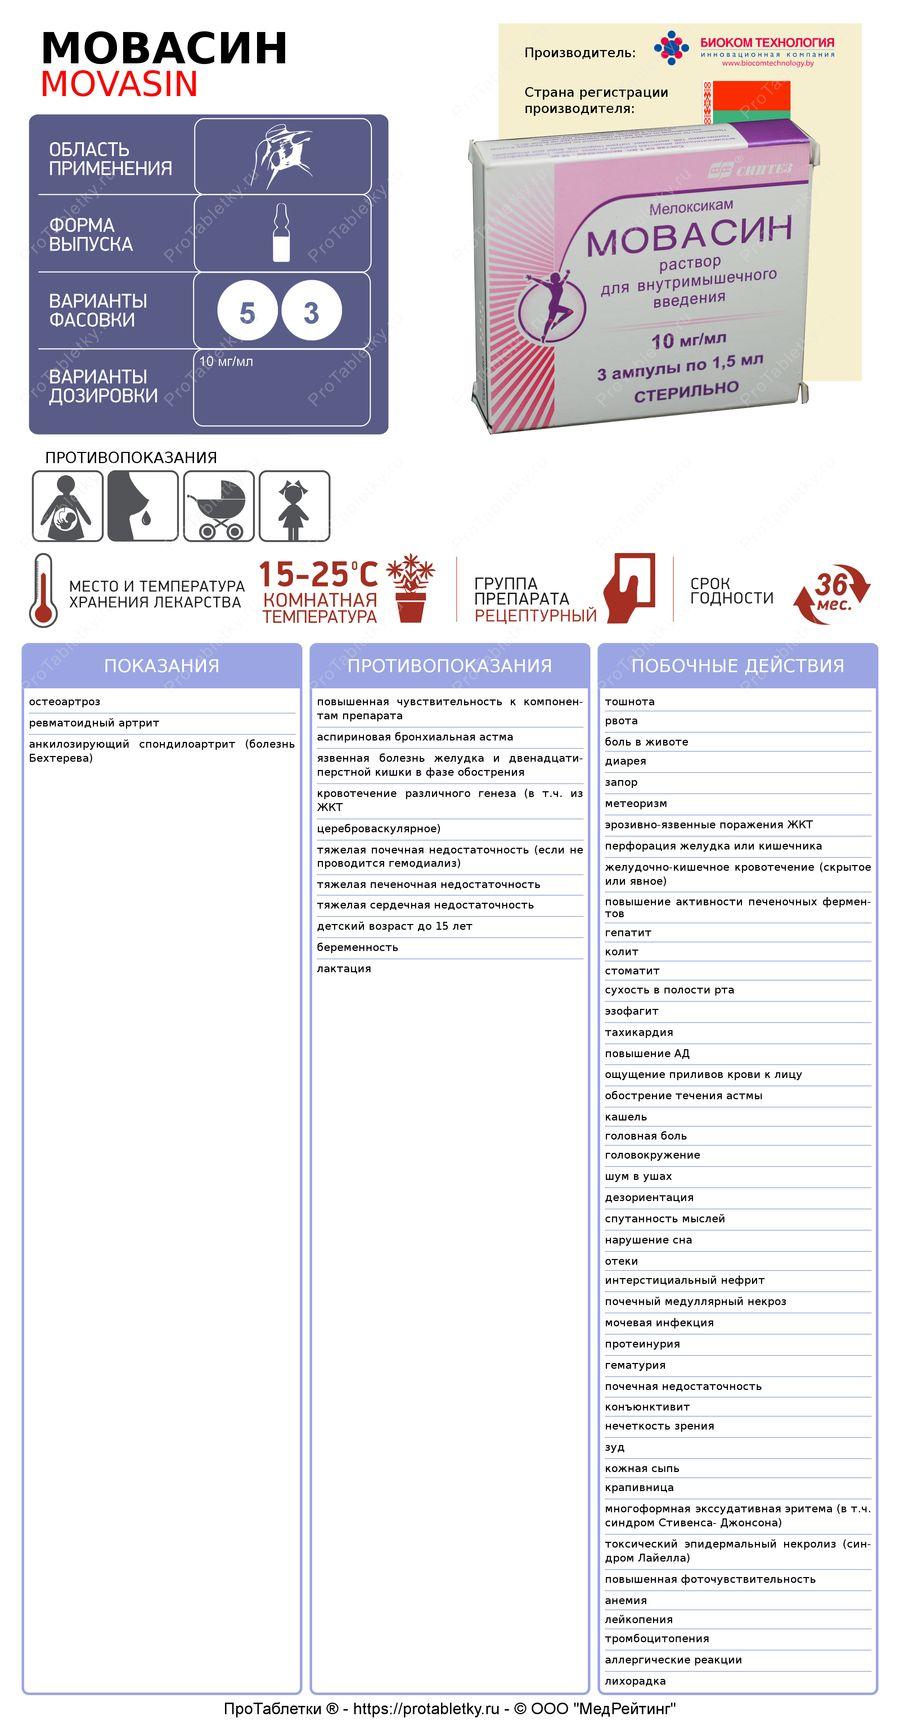 Инструкция по применению лекарственное средство мовасин